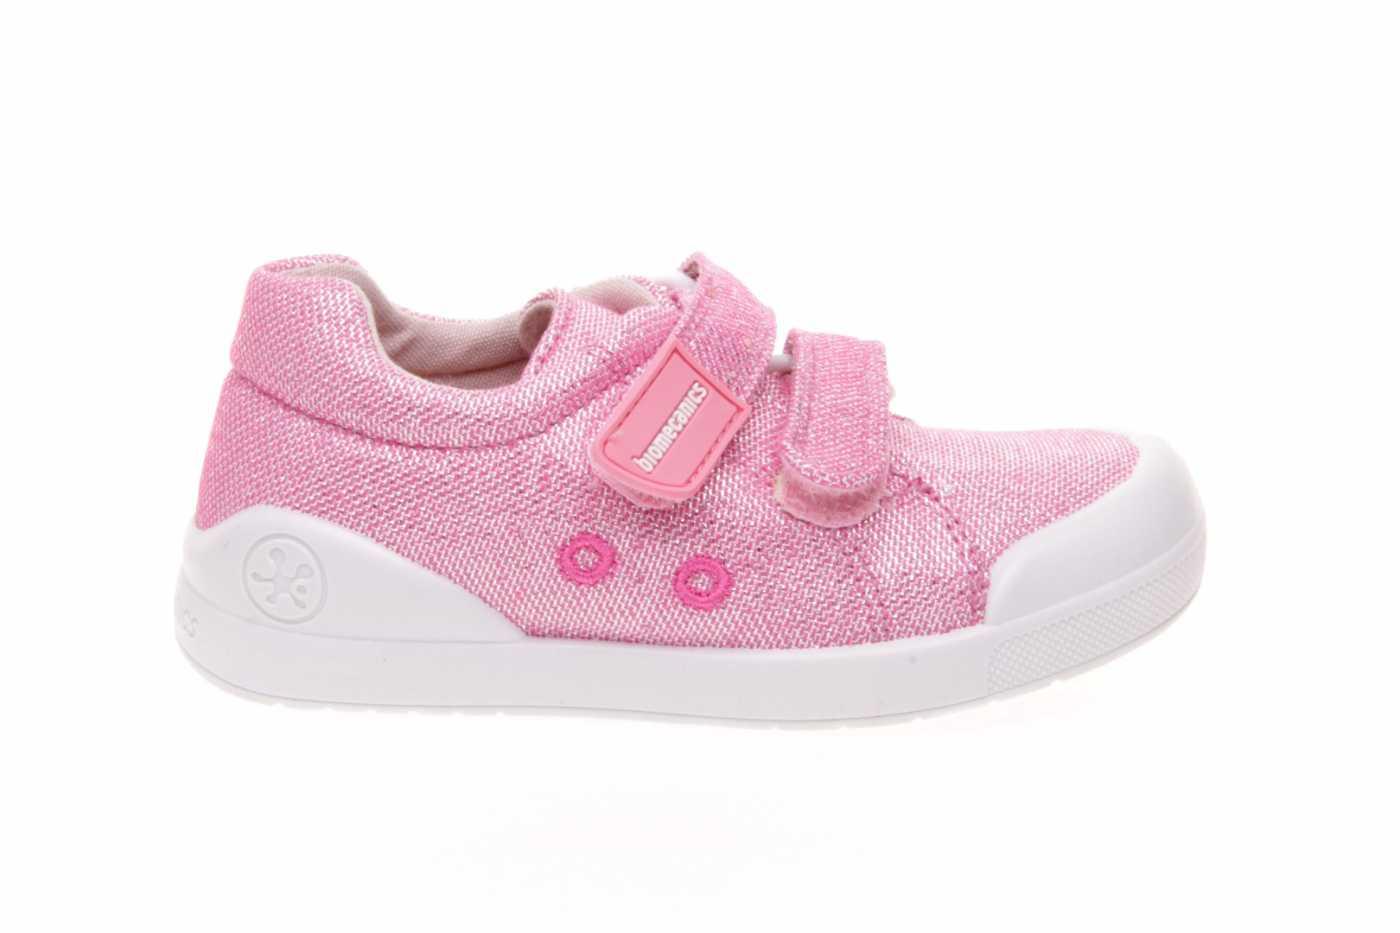 7afbfe6a1 Comprar zapato tipo JOVEN NIÑA estilo LONA COLOR FUCSIA LONA